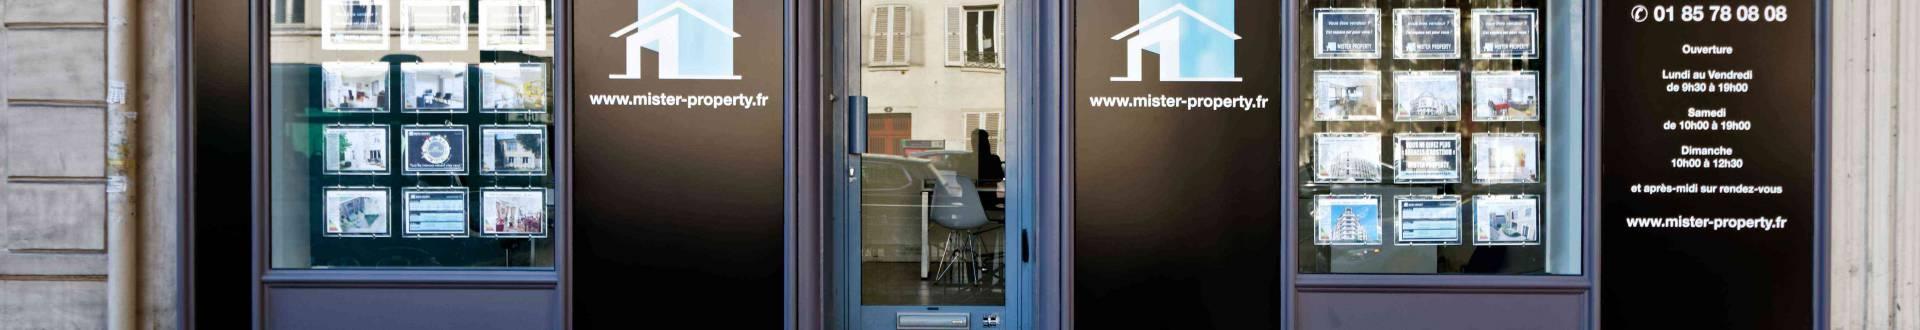 Laurent FLOSSAUT - MISTER PROPERTY | Boulogne-Billancourt France | 360 3D VR tours